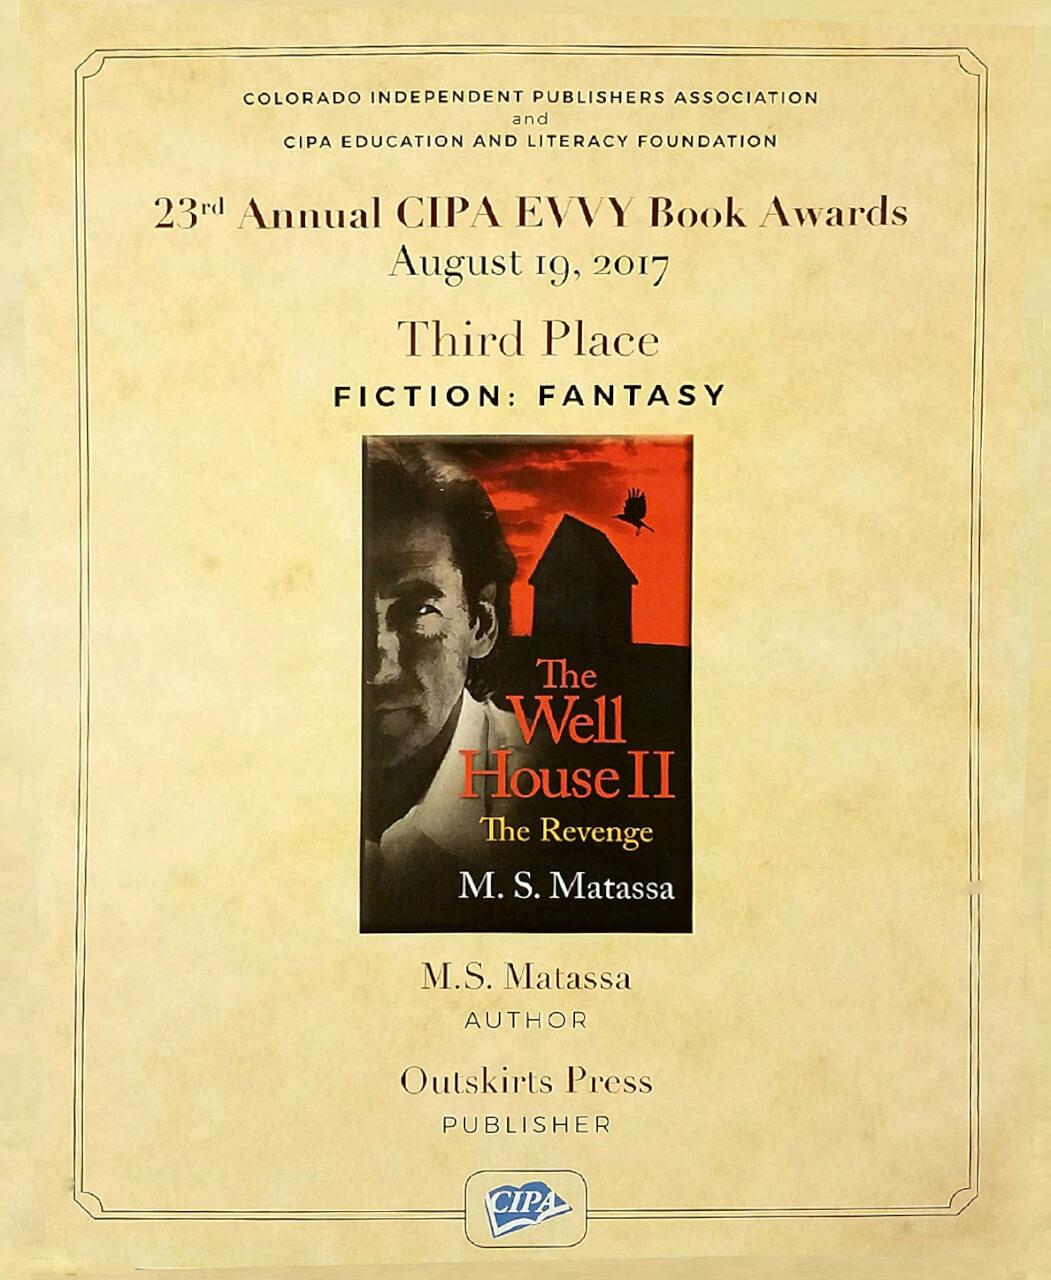 EVVY Award